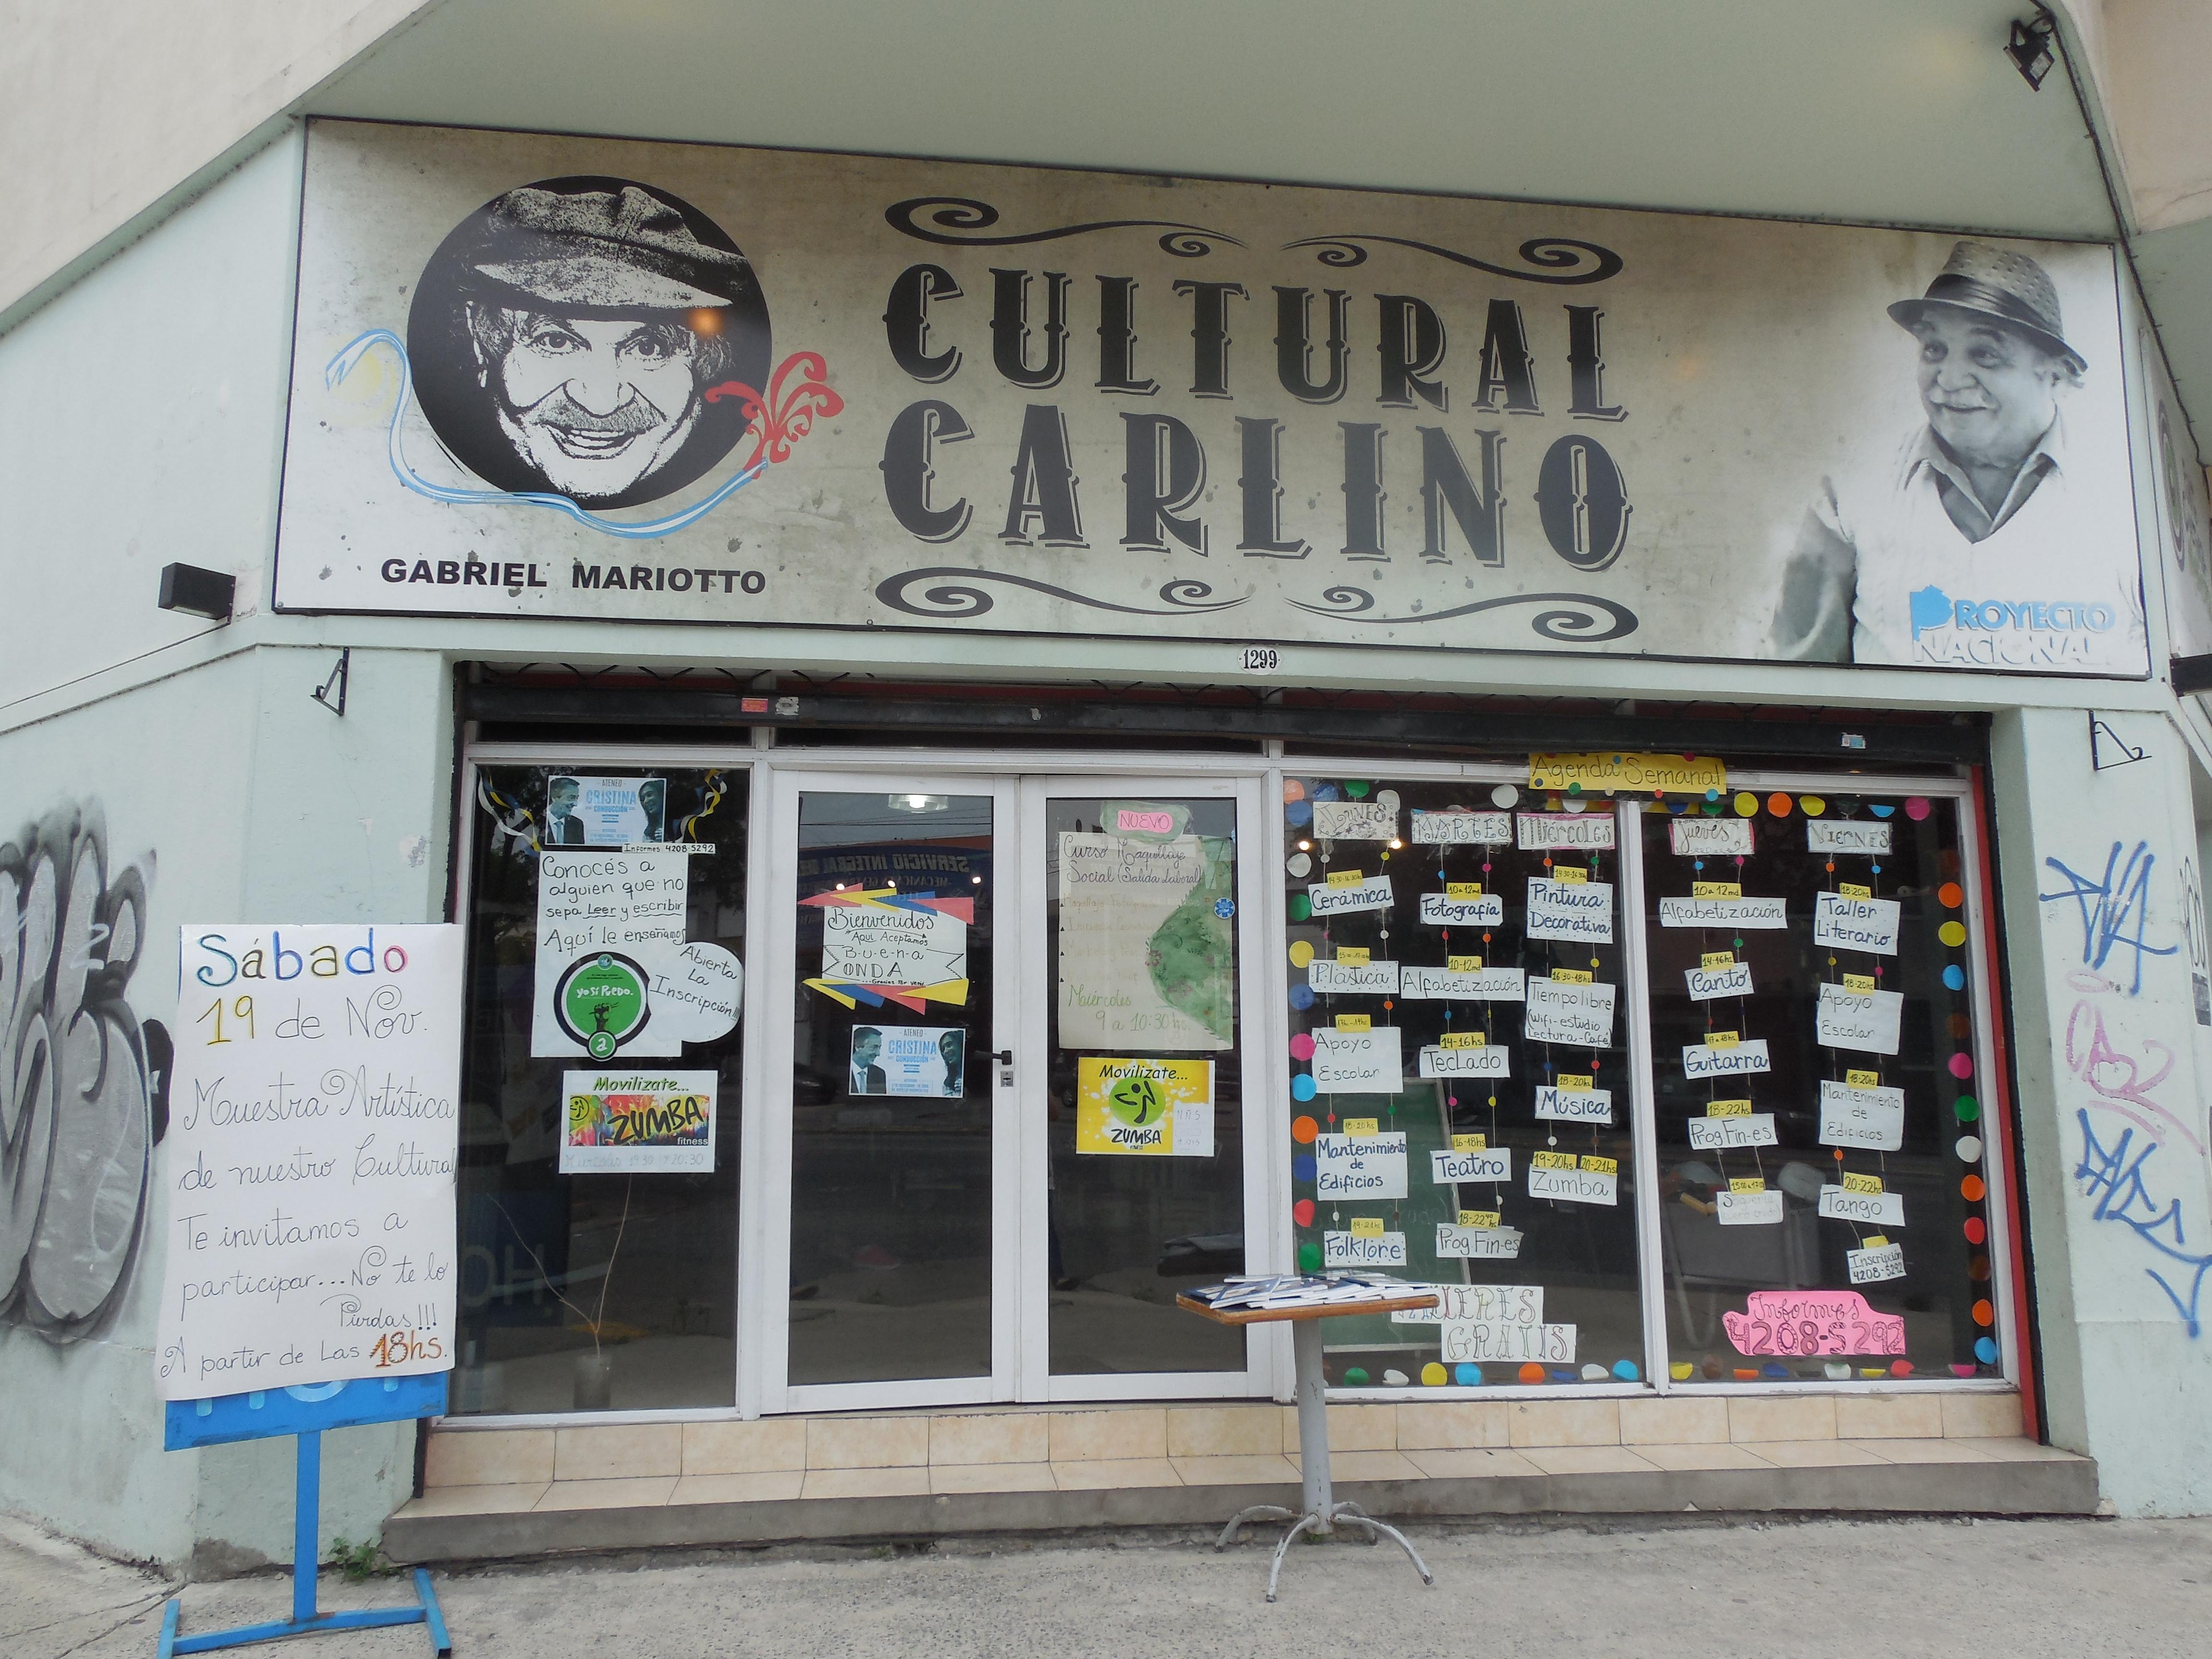 Punto cultural N° 1 en el Cultural Carlino - Punto Cultural 2016 N° 1 en el Cultural Carlino